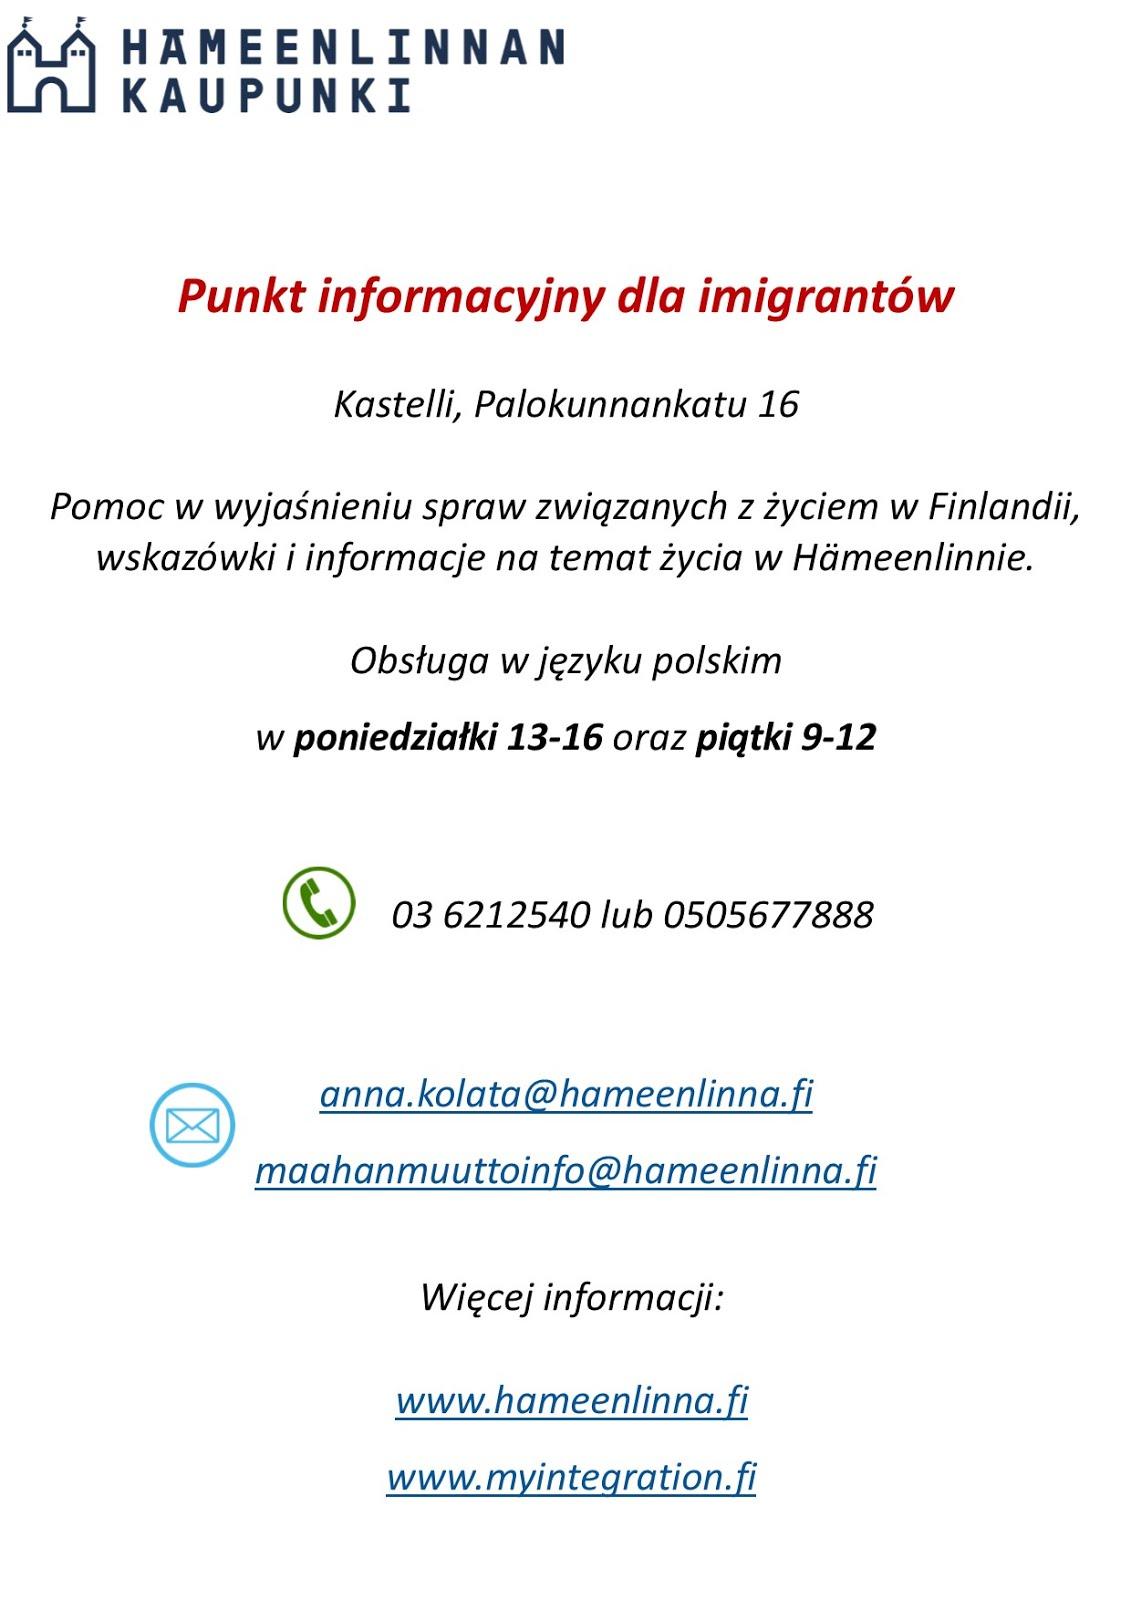 Info dla Polaków w Hämeenlinnie